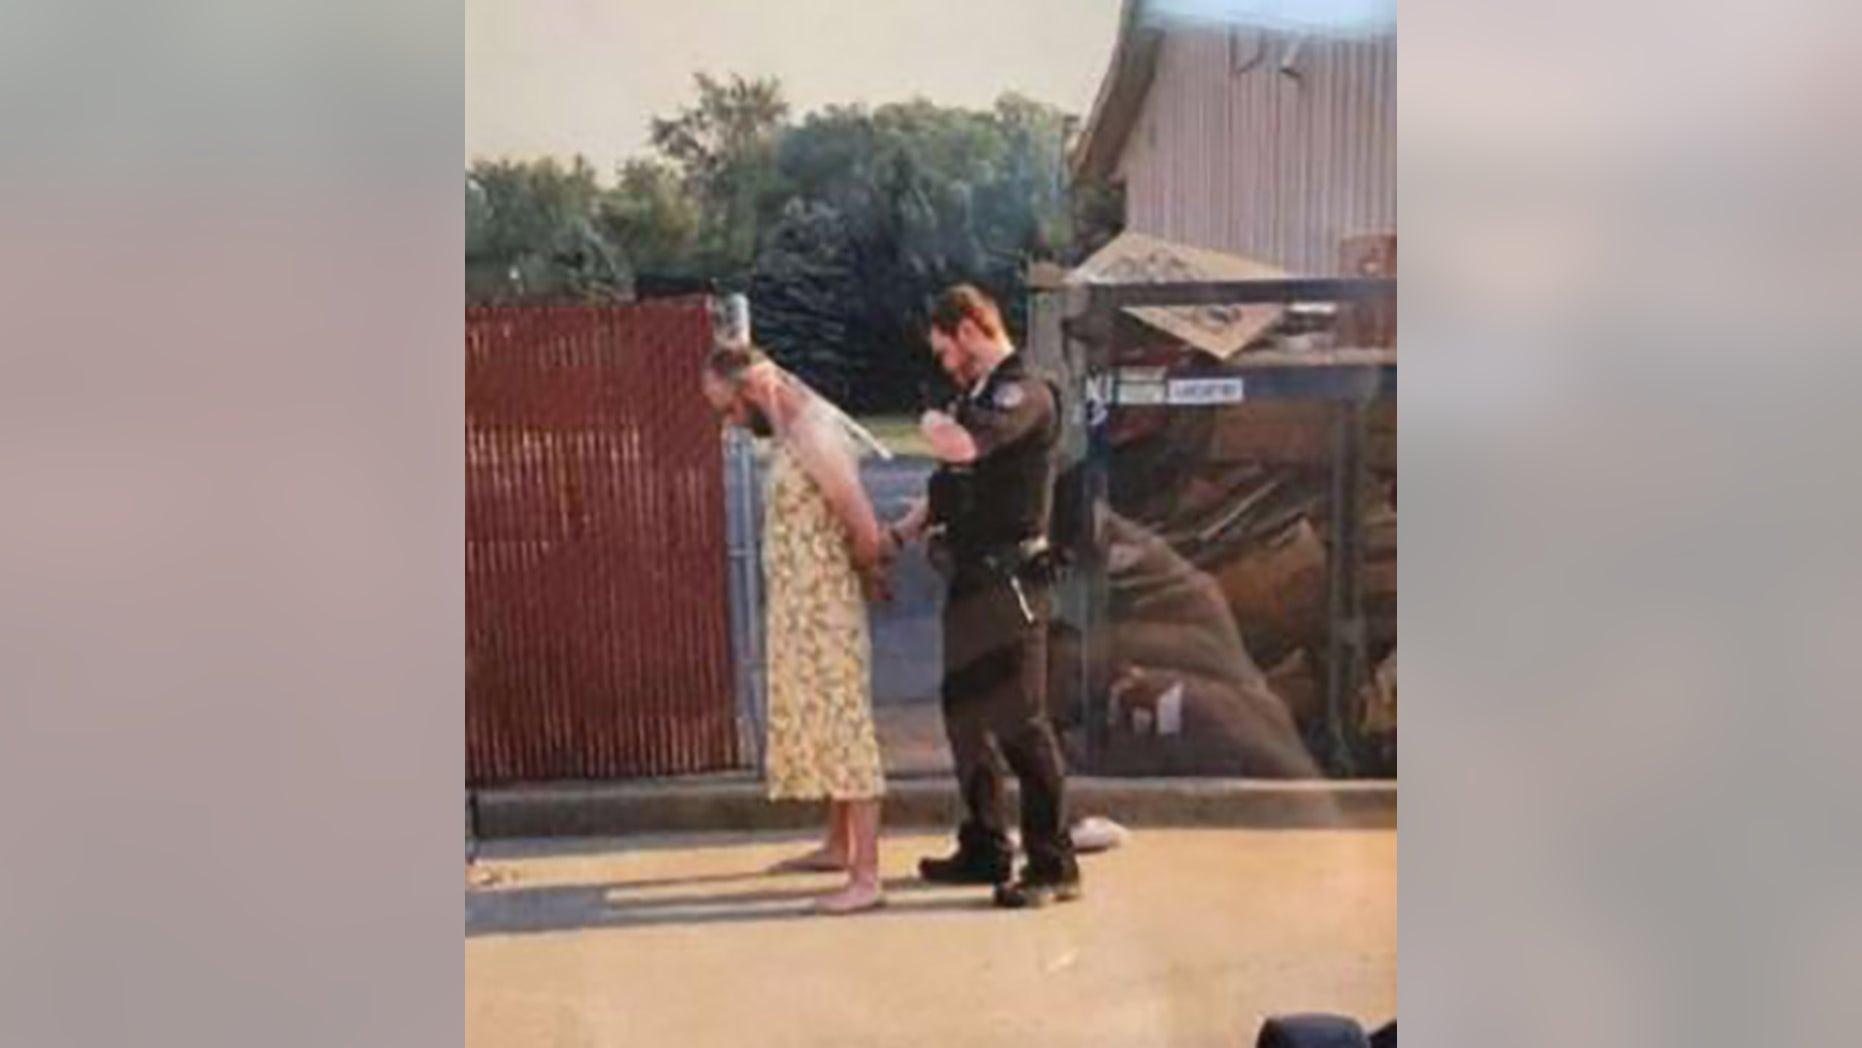 Un bărbat într-o rochie a furat un autobuz școlar și apoi a distrus casa fostei soții cu un excavator. FOTO